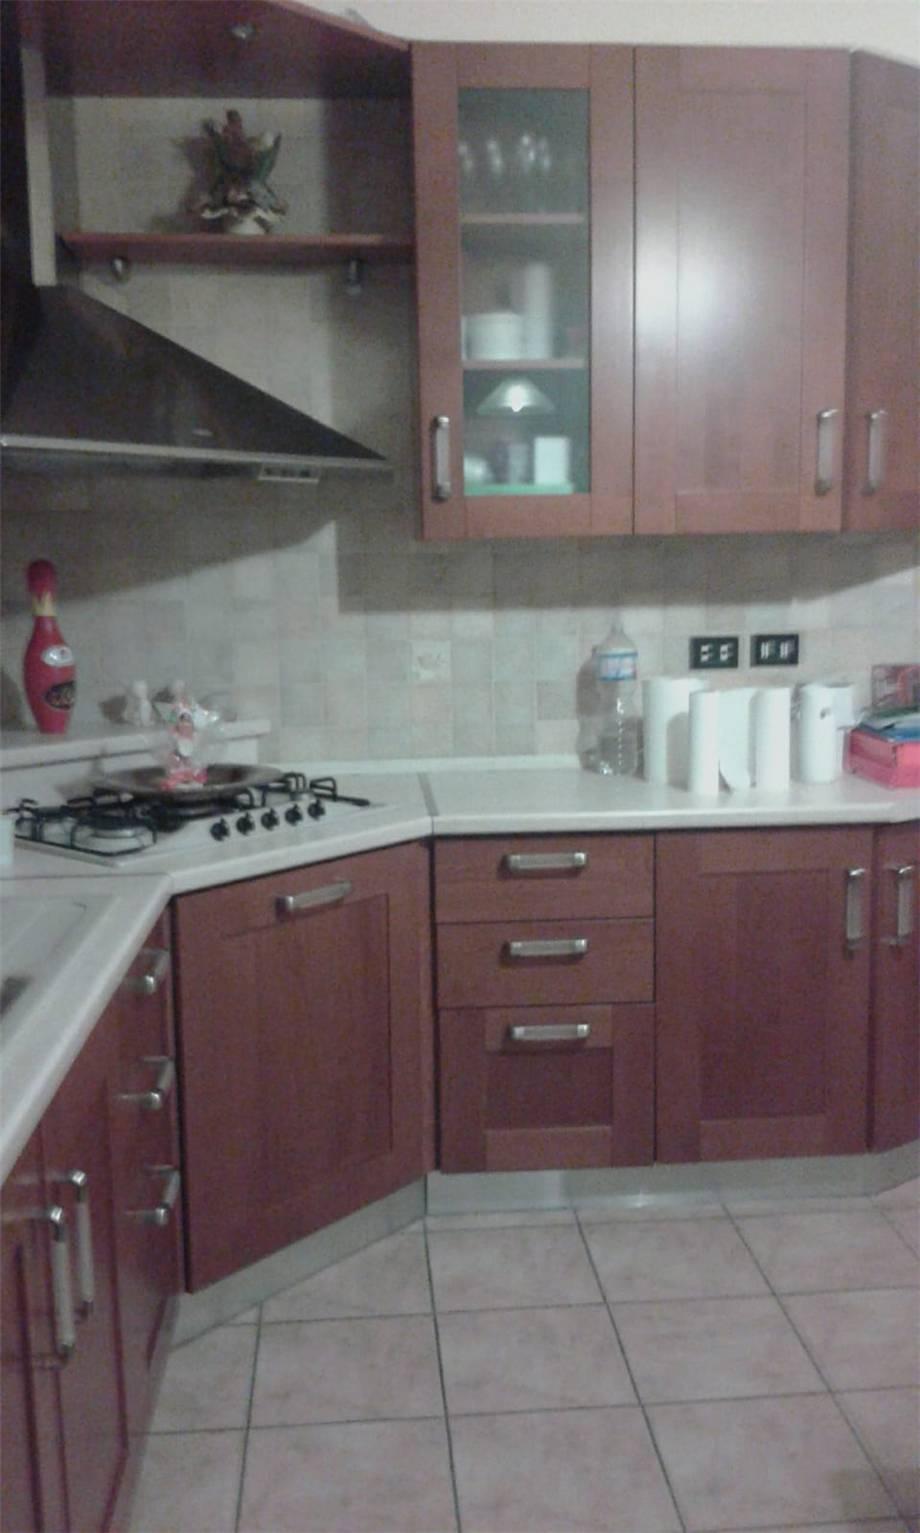 Verkauf Villa/Einzelhaus Rosolini  #31C n.13